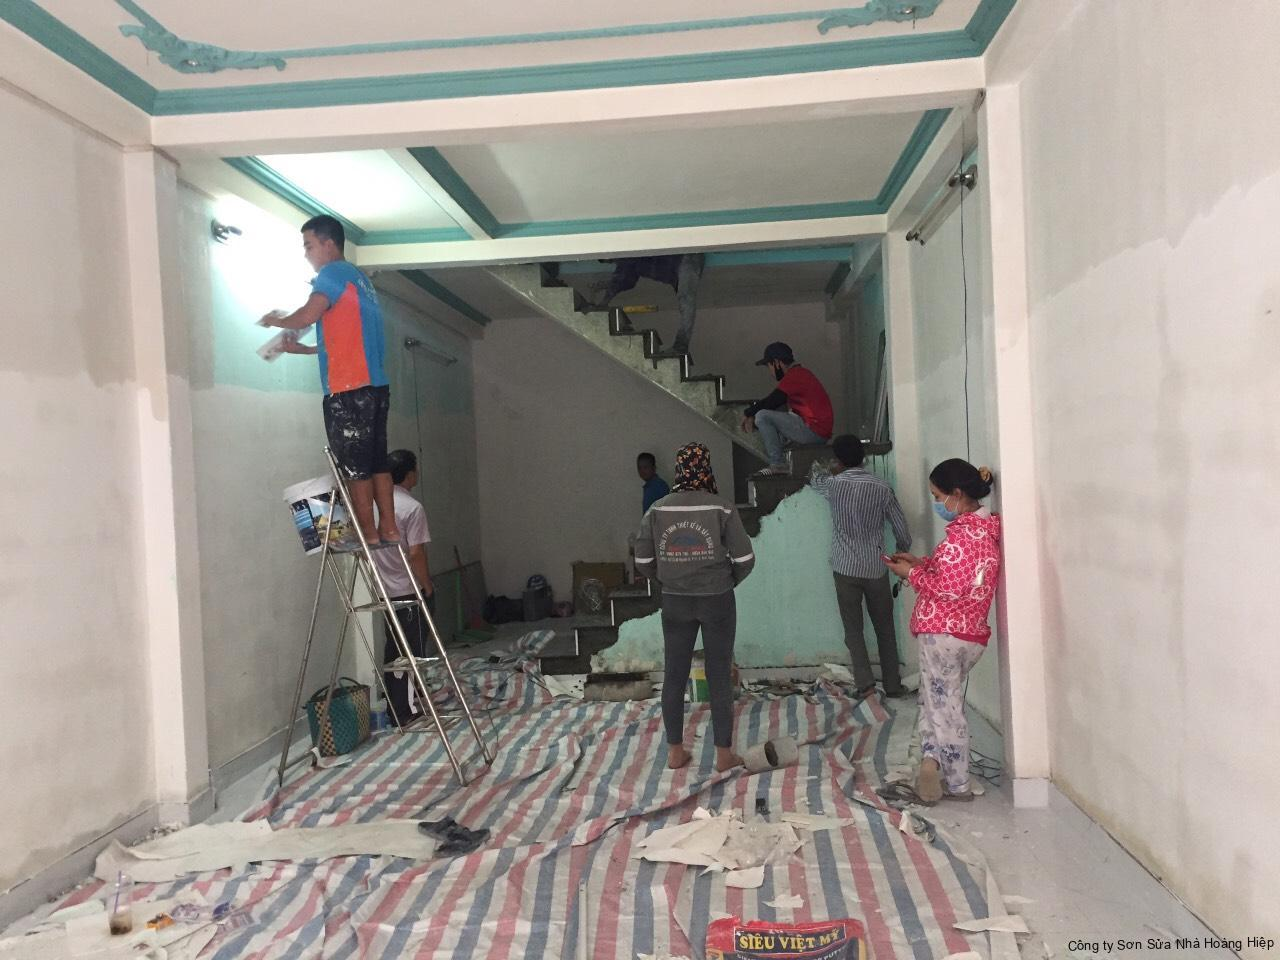 sửa chữa nhà tại quận 1-Hoàng Hiệp